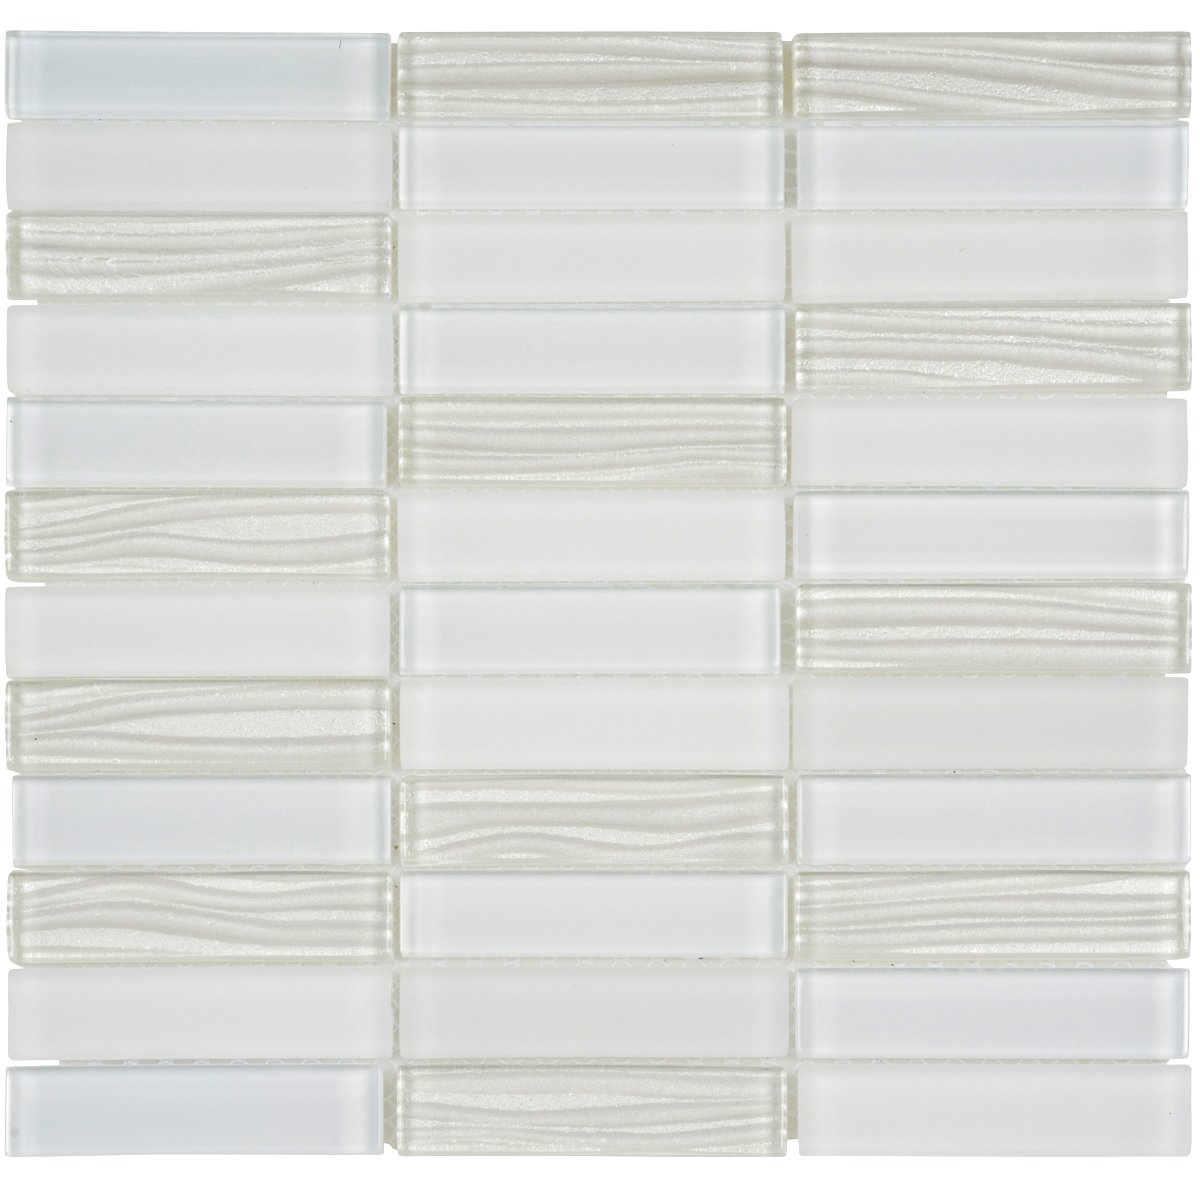 Modket TDH63MO Super White Crystal Glass Mosaic Tile, Wave Cold Spray, Matte Blend Stacked Pattern Backsplash